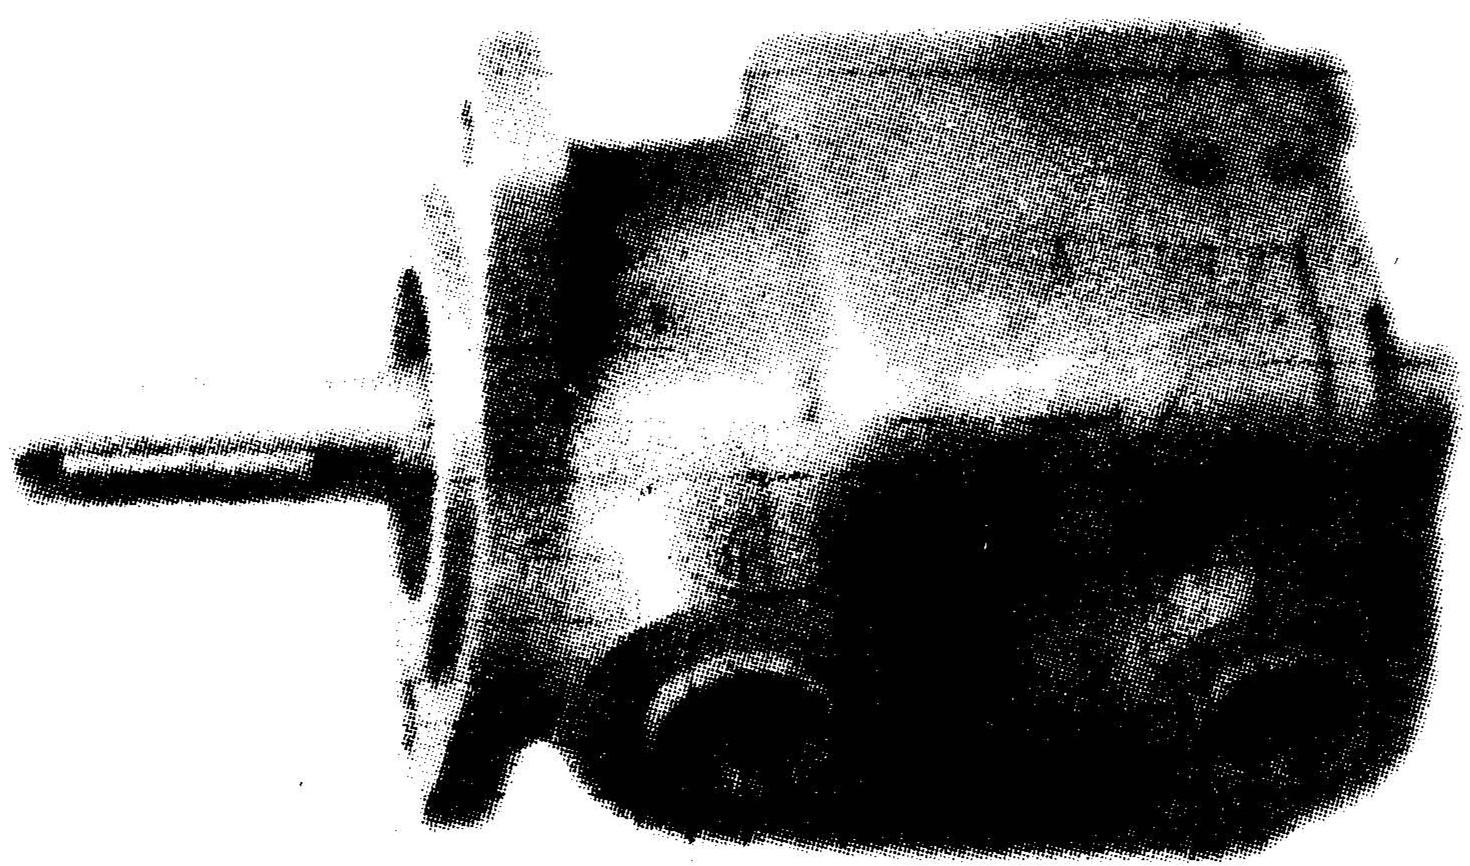 首页 供应信息 机械 液压机械/部件 > ym-a19b,ym-a22b,中压叶片马达图片